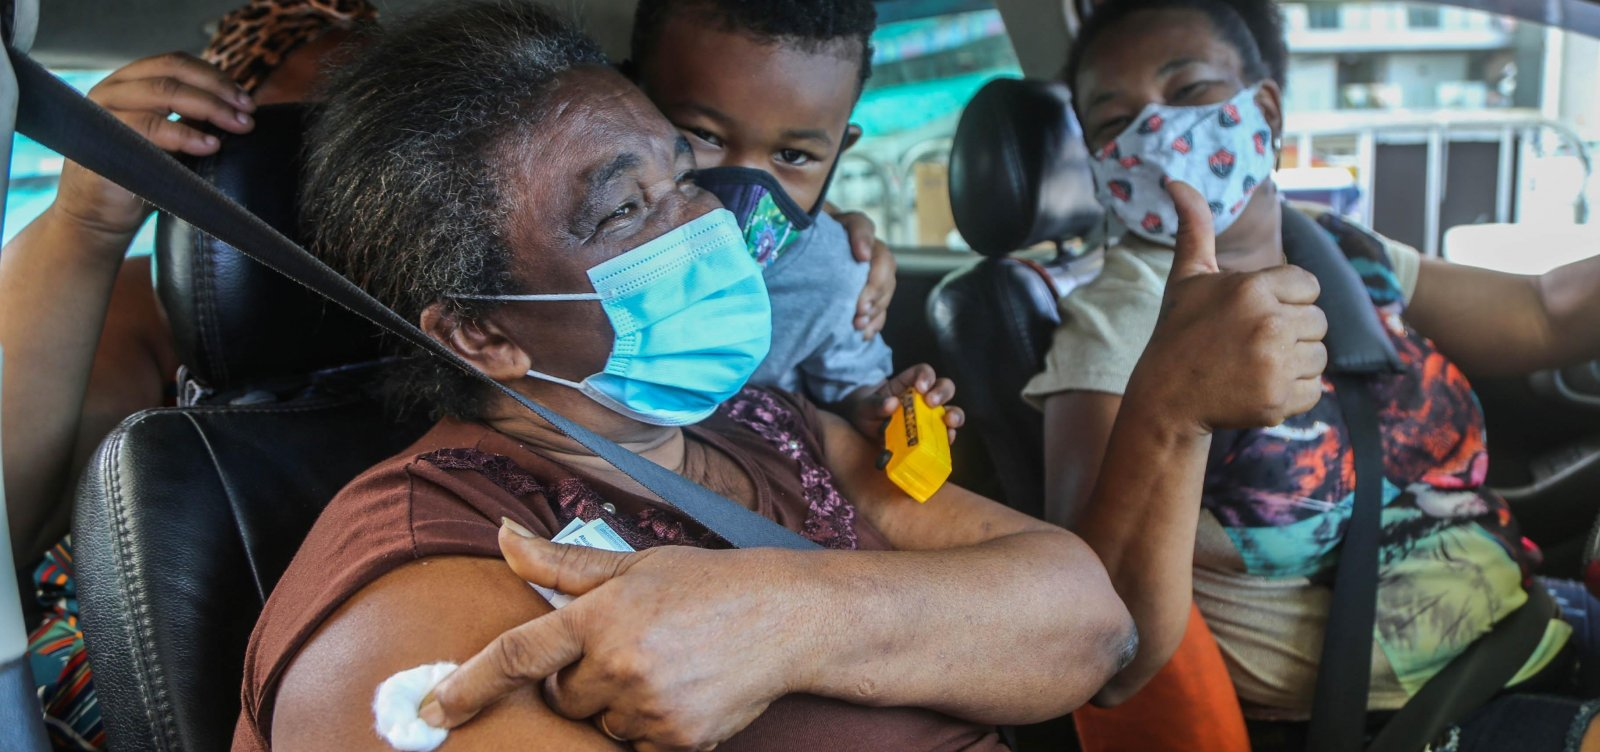 Bahia ultrapassa 2 milhões de vacinados contra covid, diz consórcio de imprensa